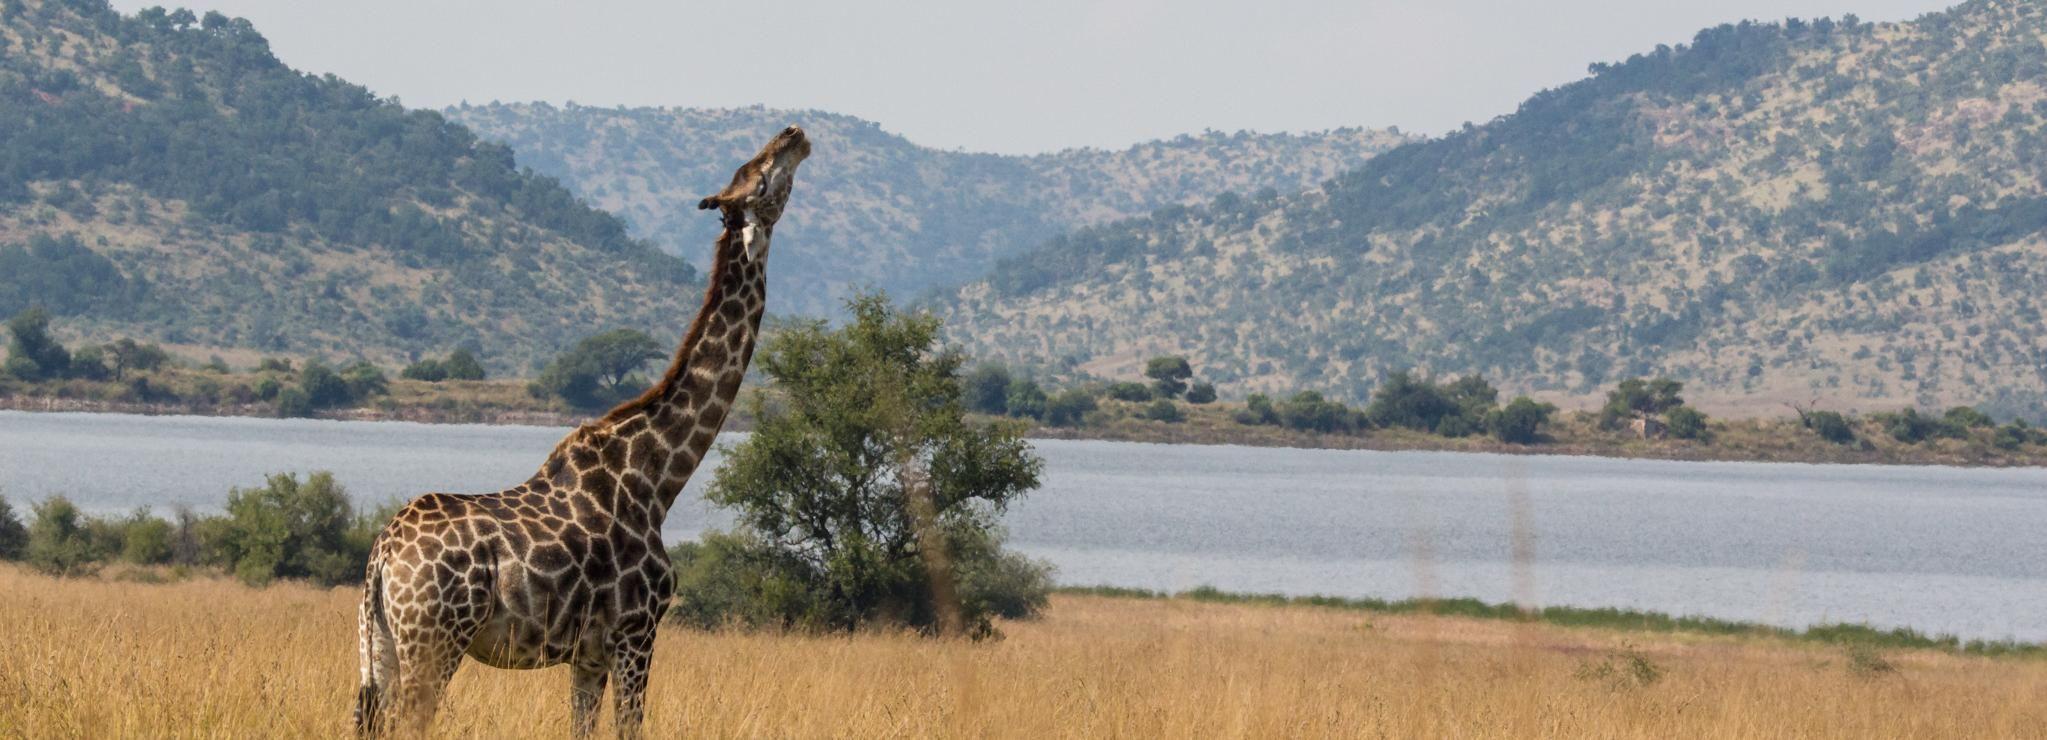 Pilanesberg: Open and Closed Vehicle Safari in Portuguese